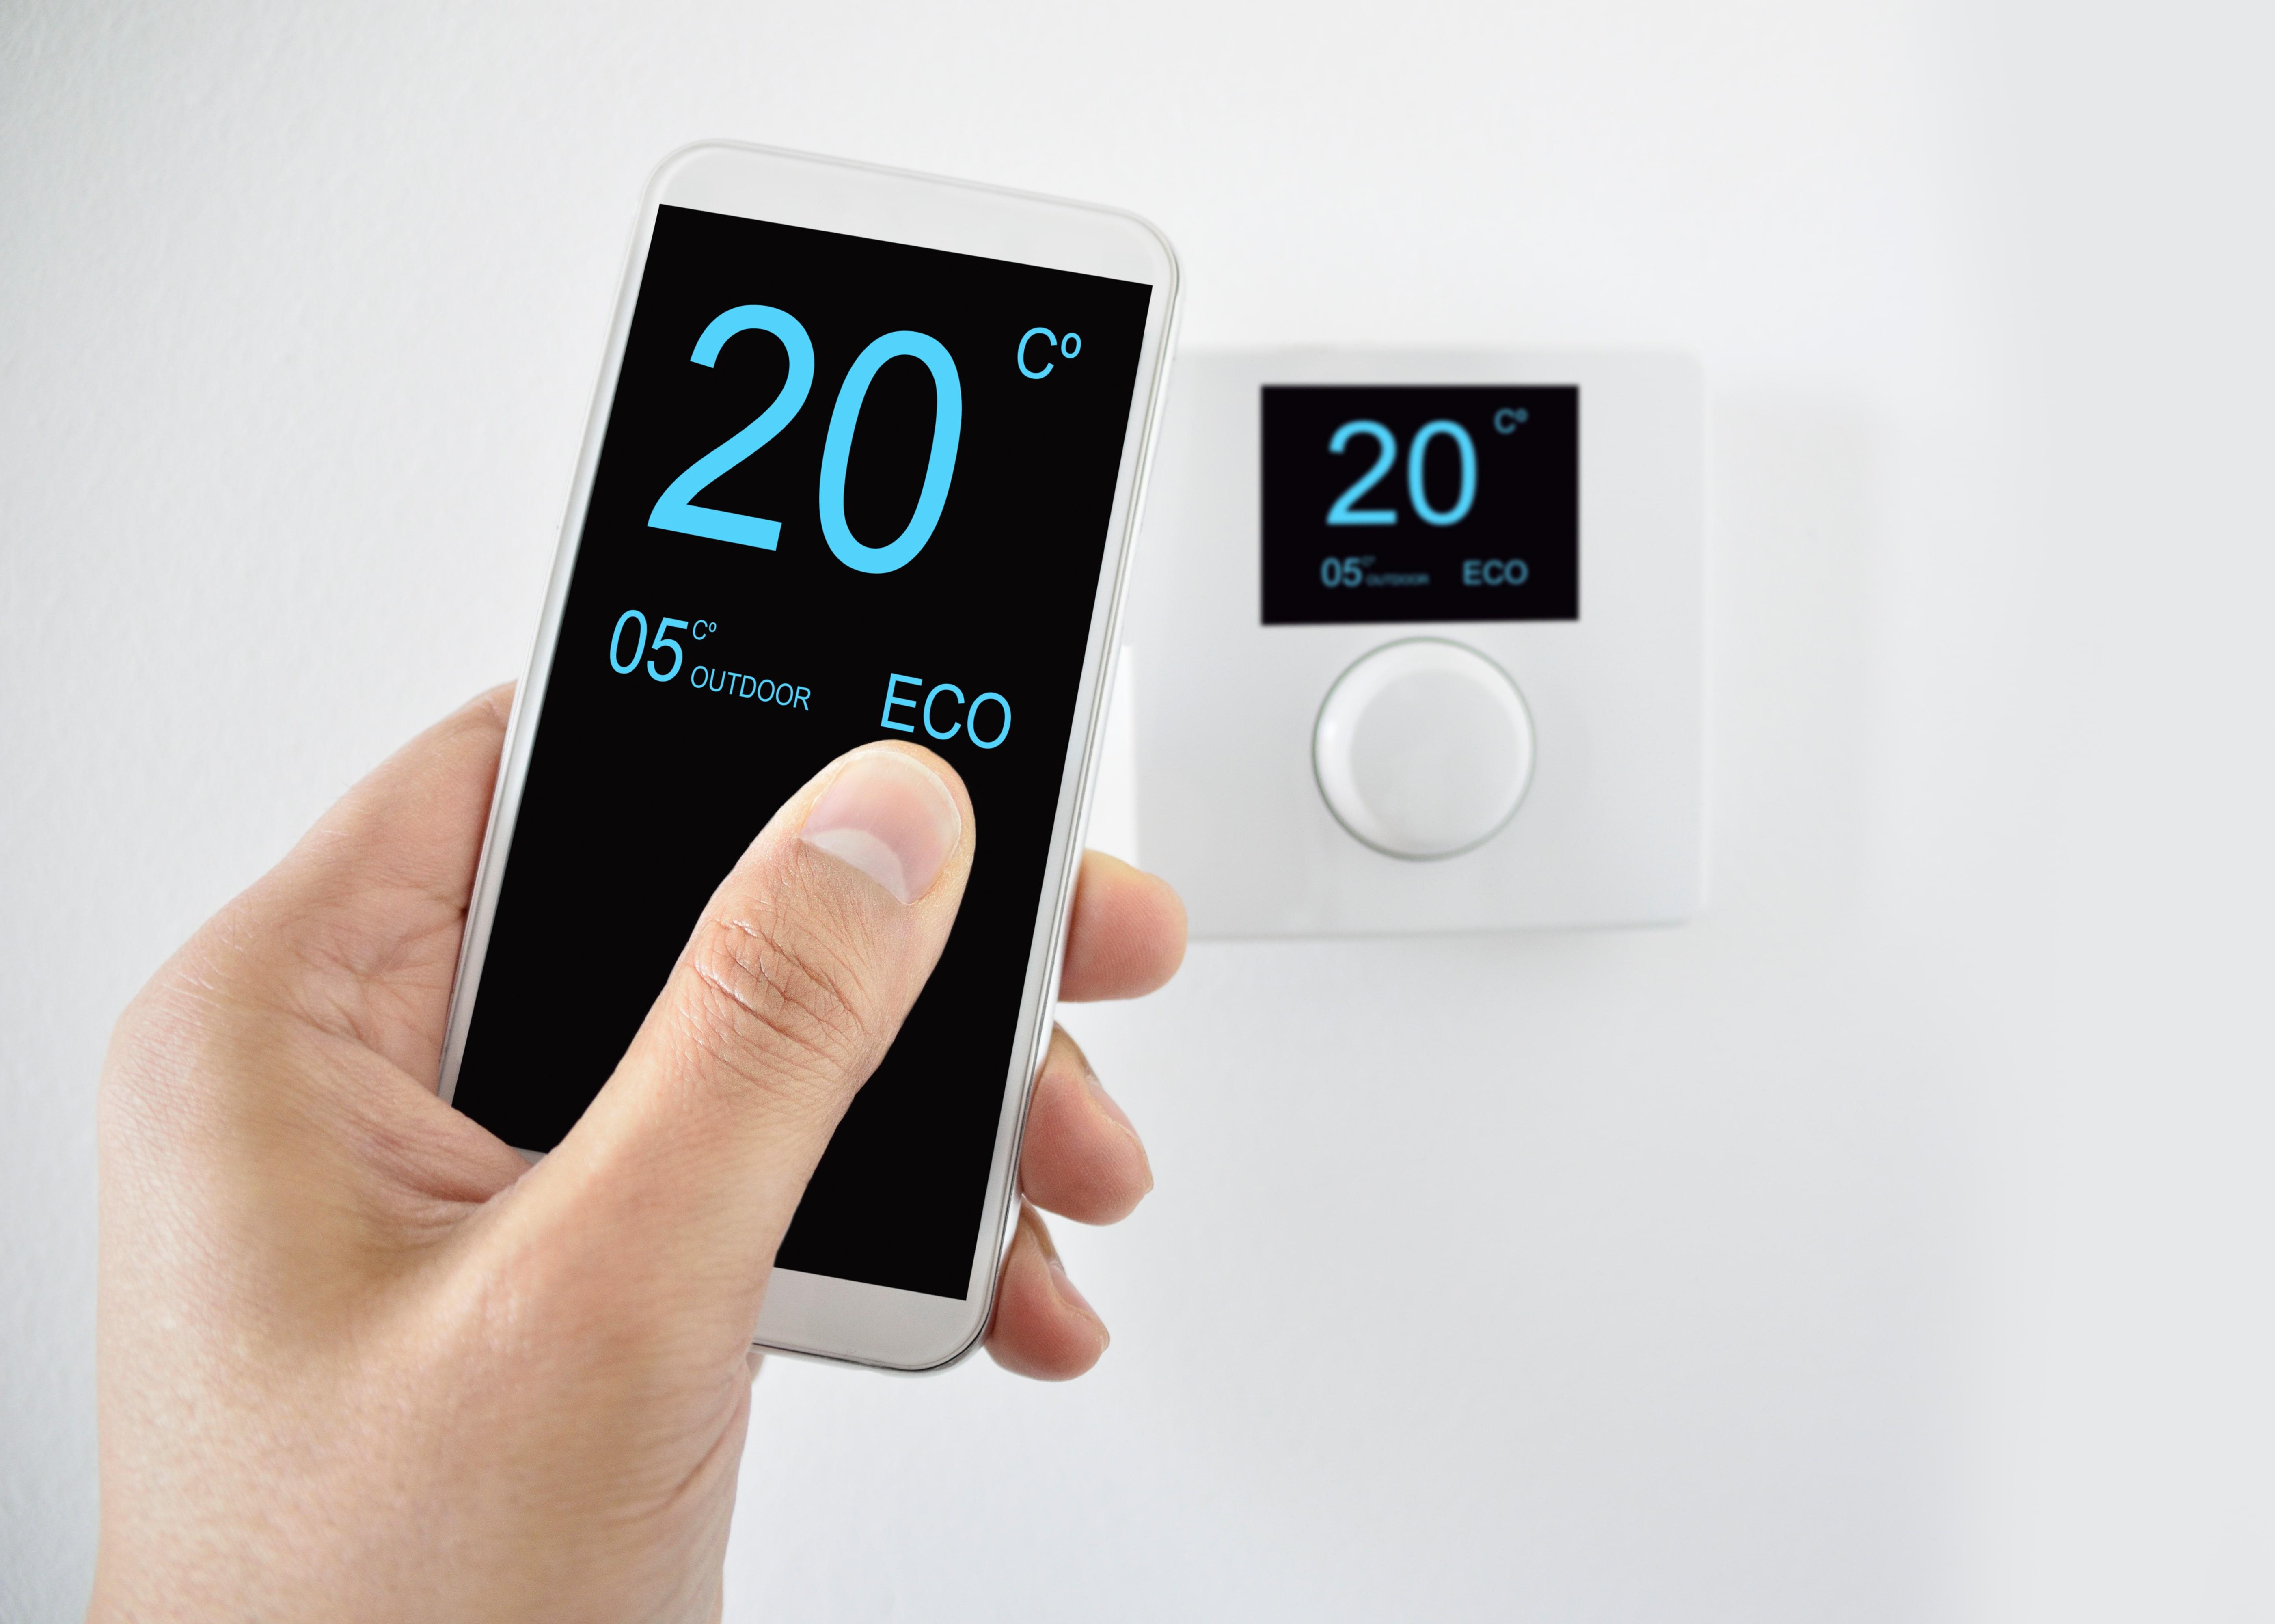 Casa domotica e risparmio energetico